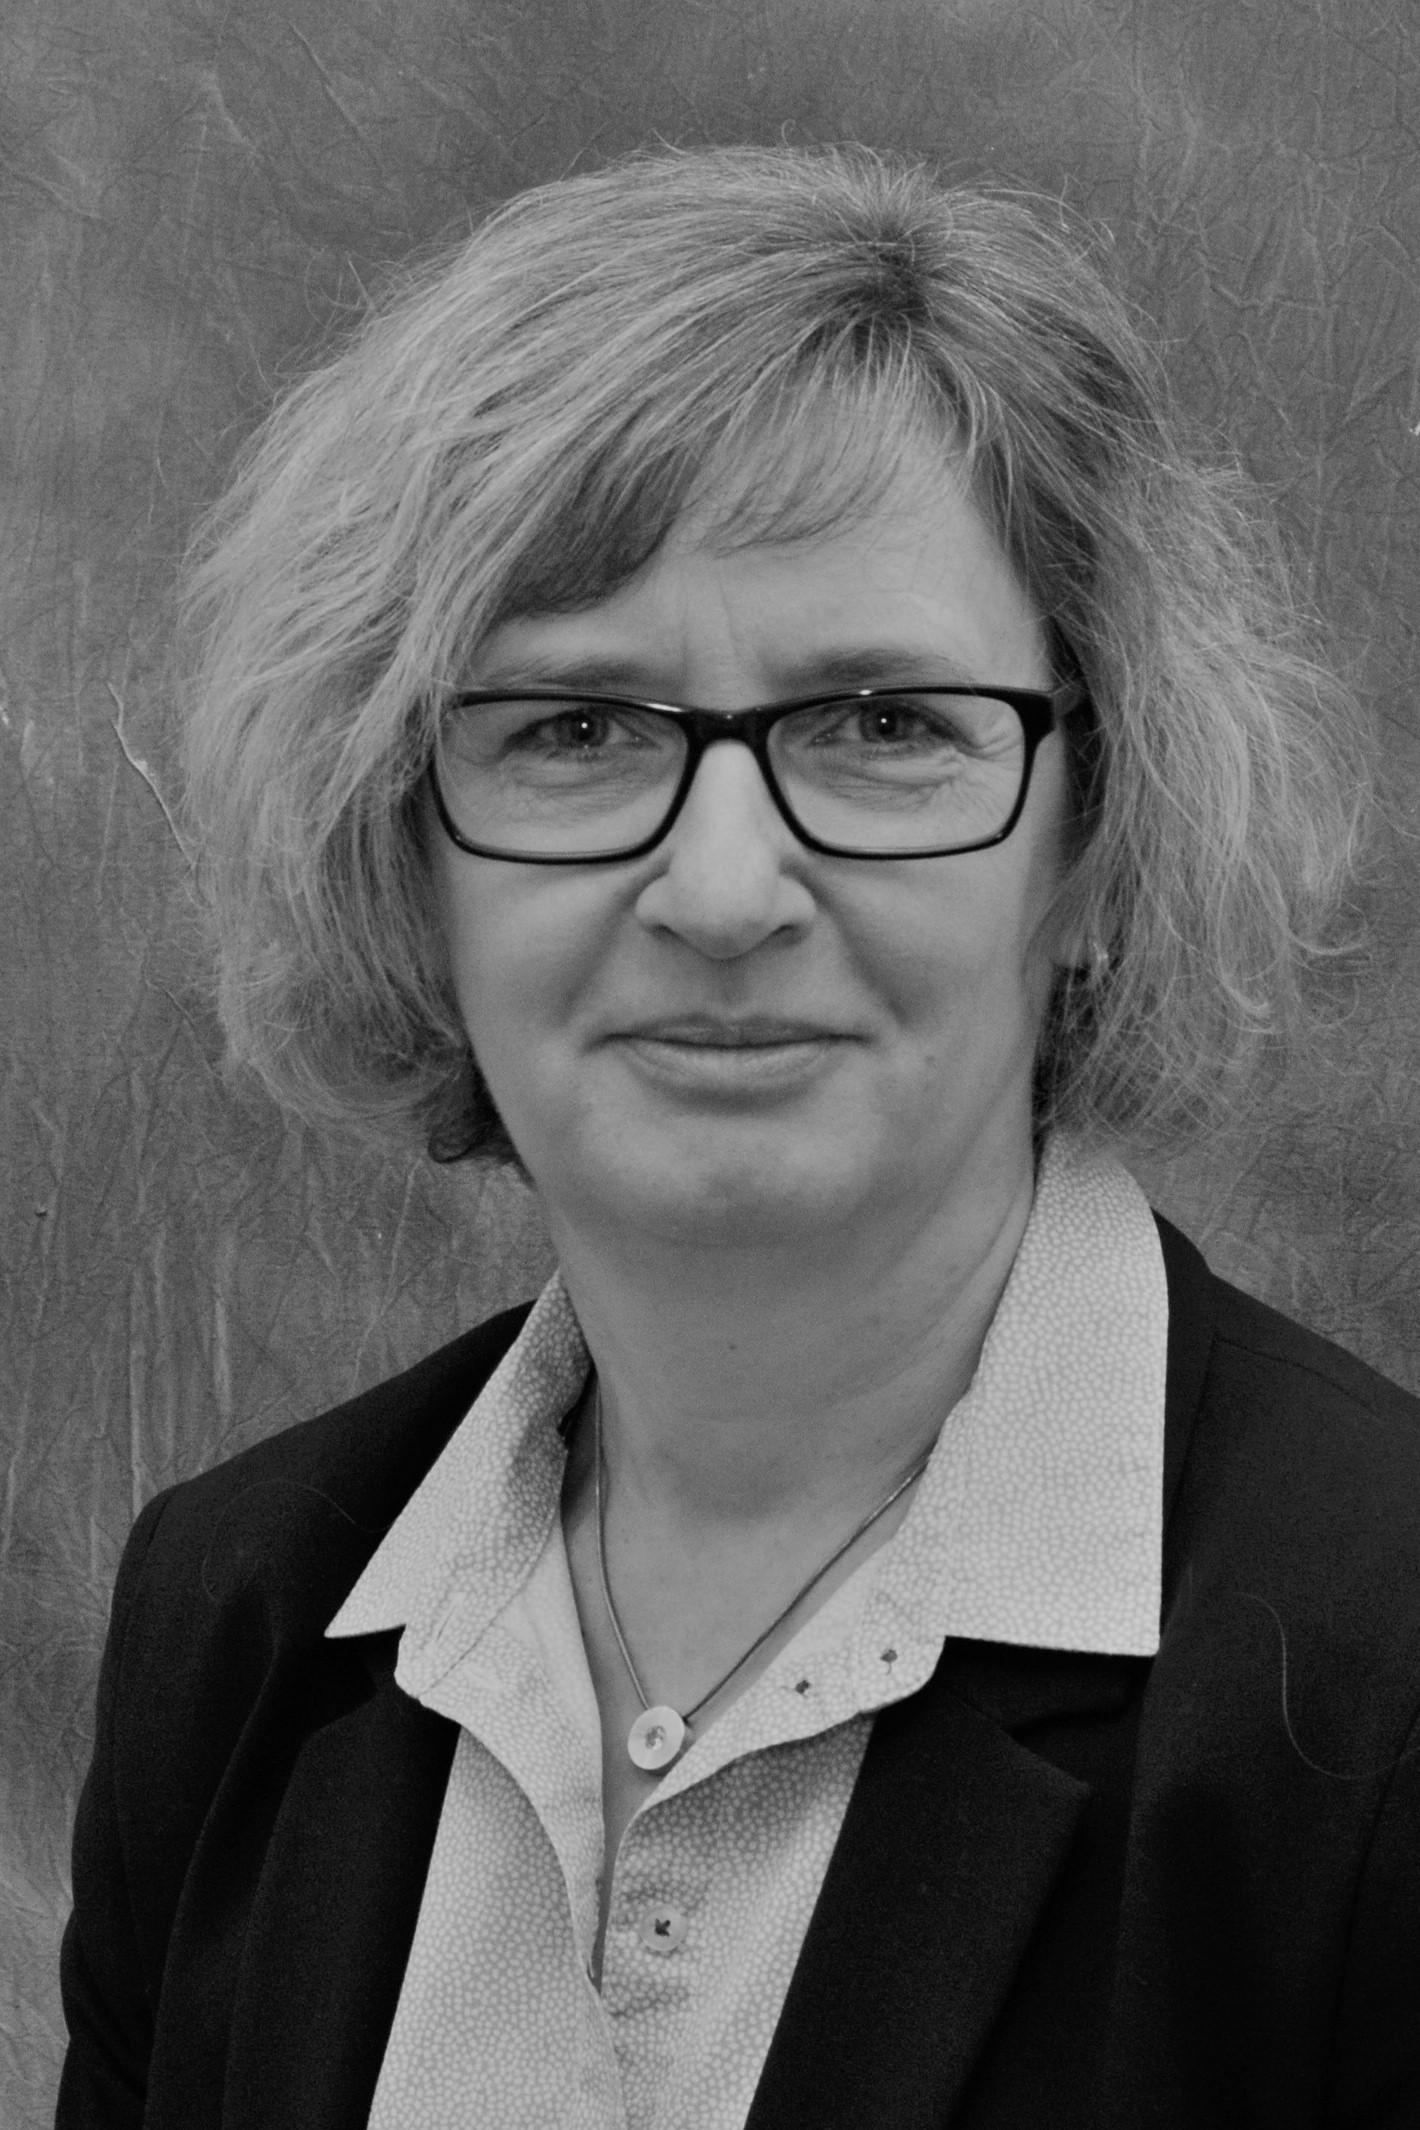 Kerstin Schimmelpfennig